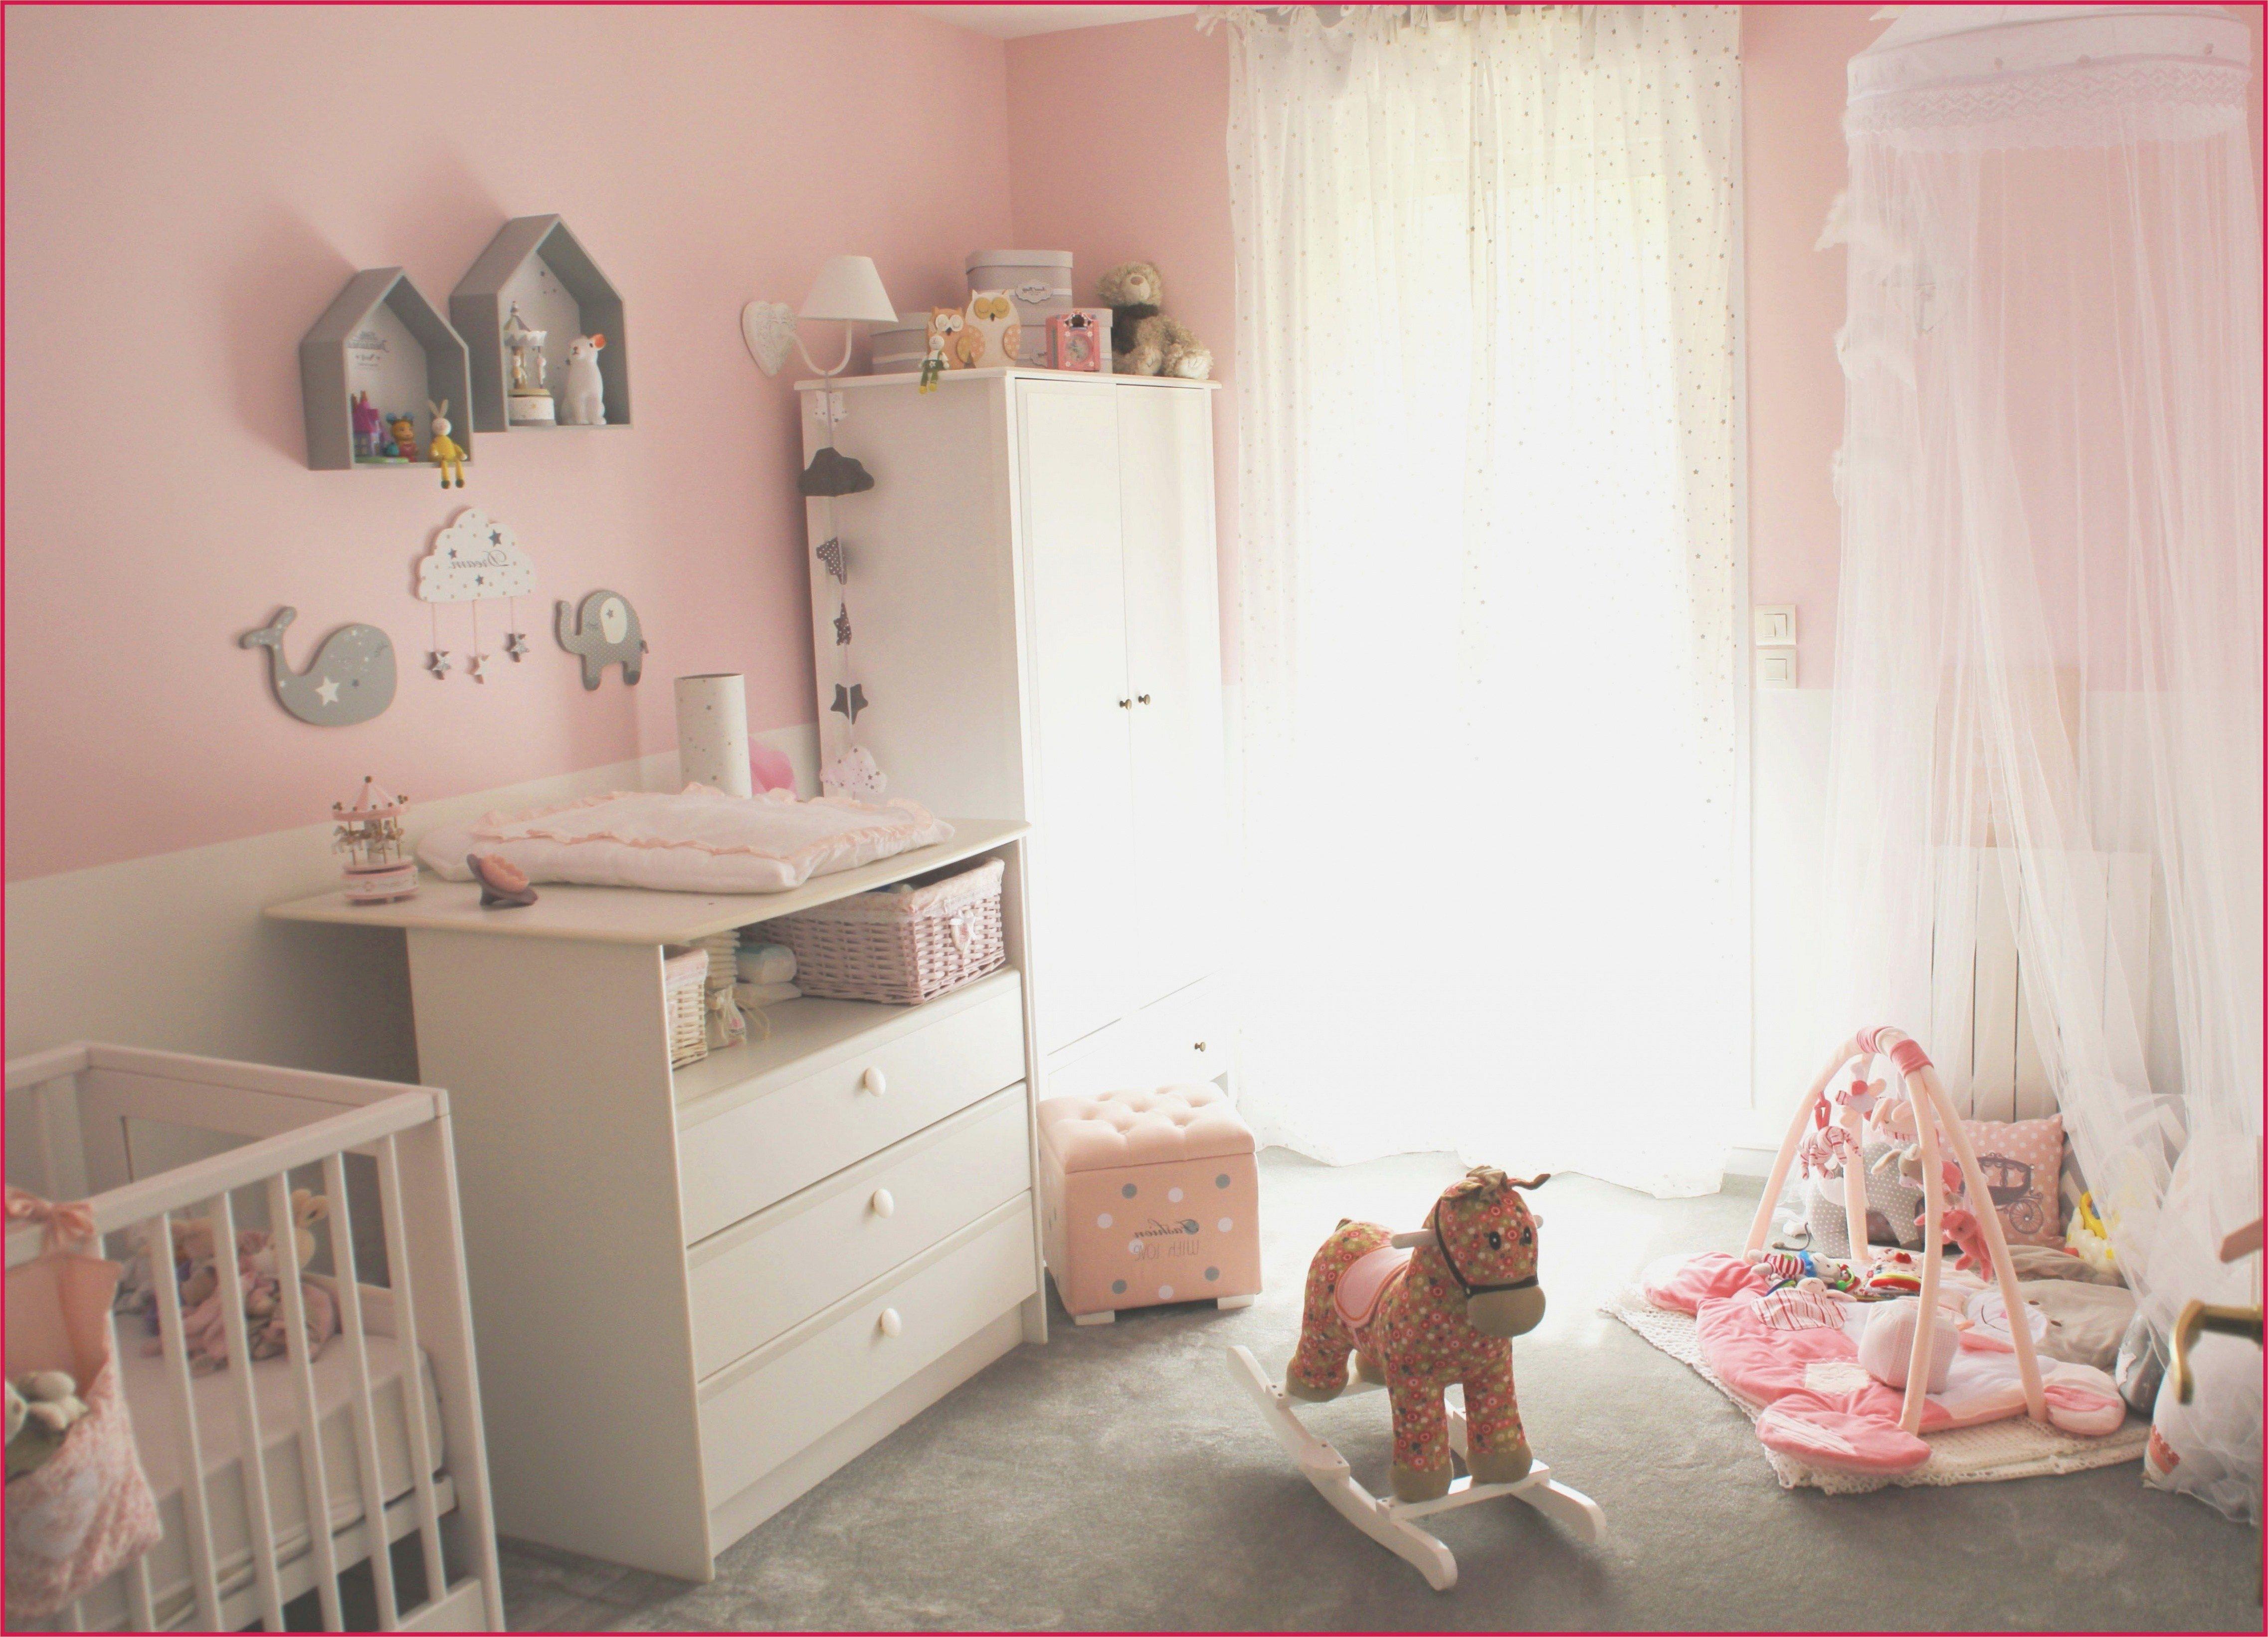 Bébé Punaise De Lit Génial Bébé Punaise De Lit Stickers Chambre Bébé Pas Cher Chambre Bébé